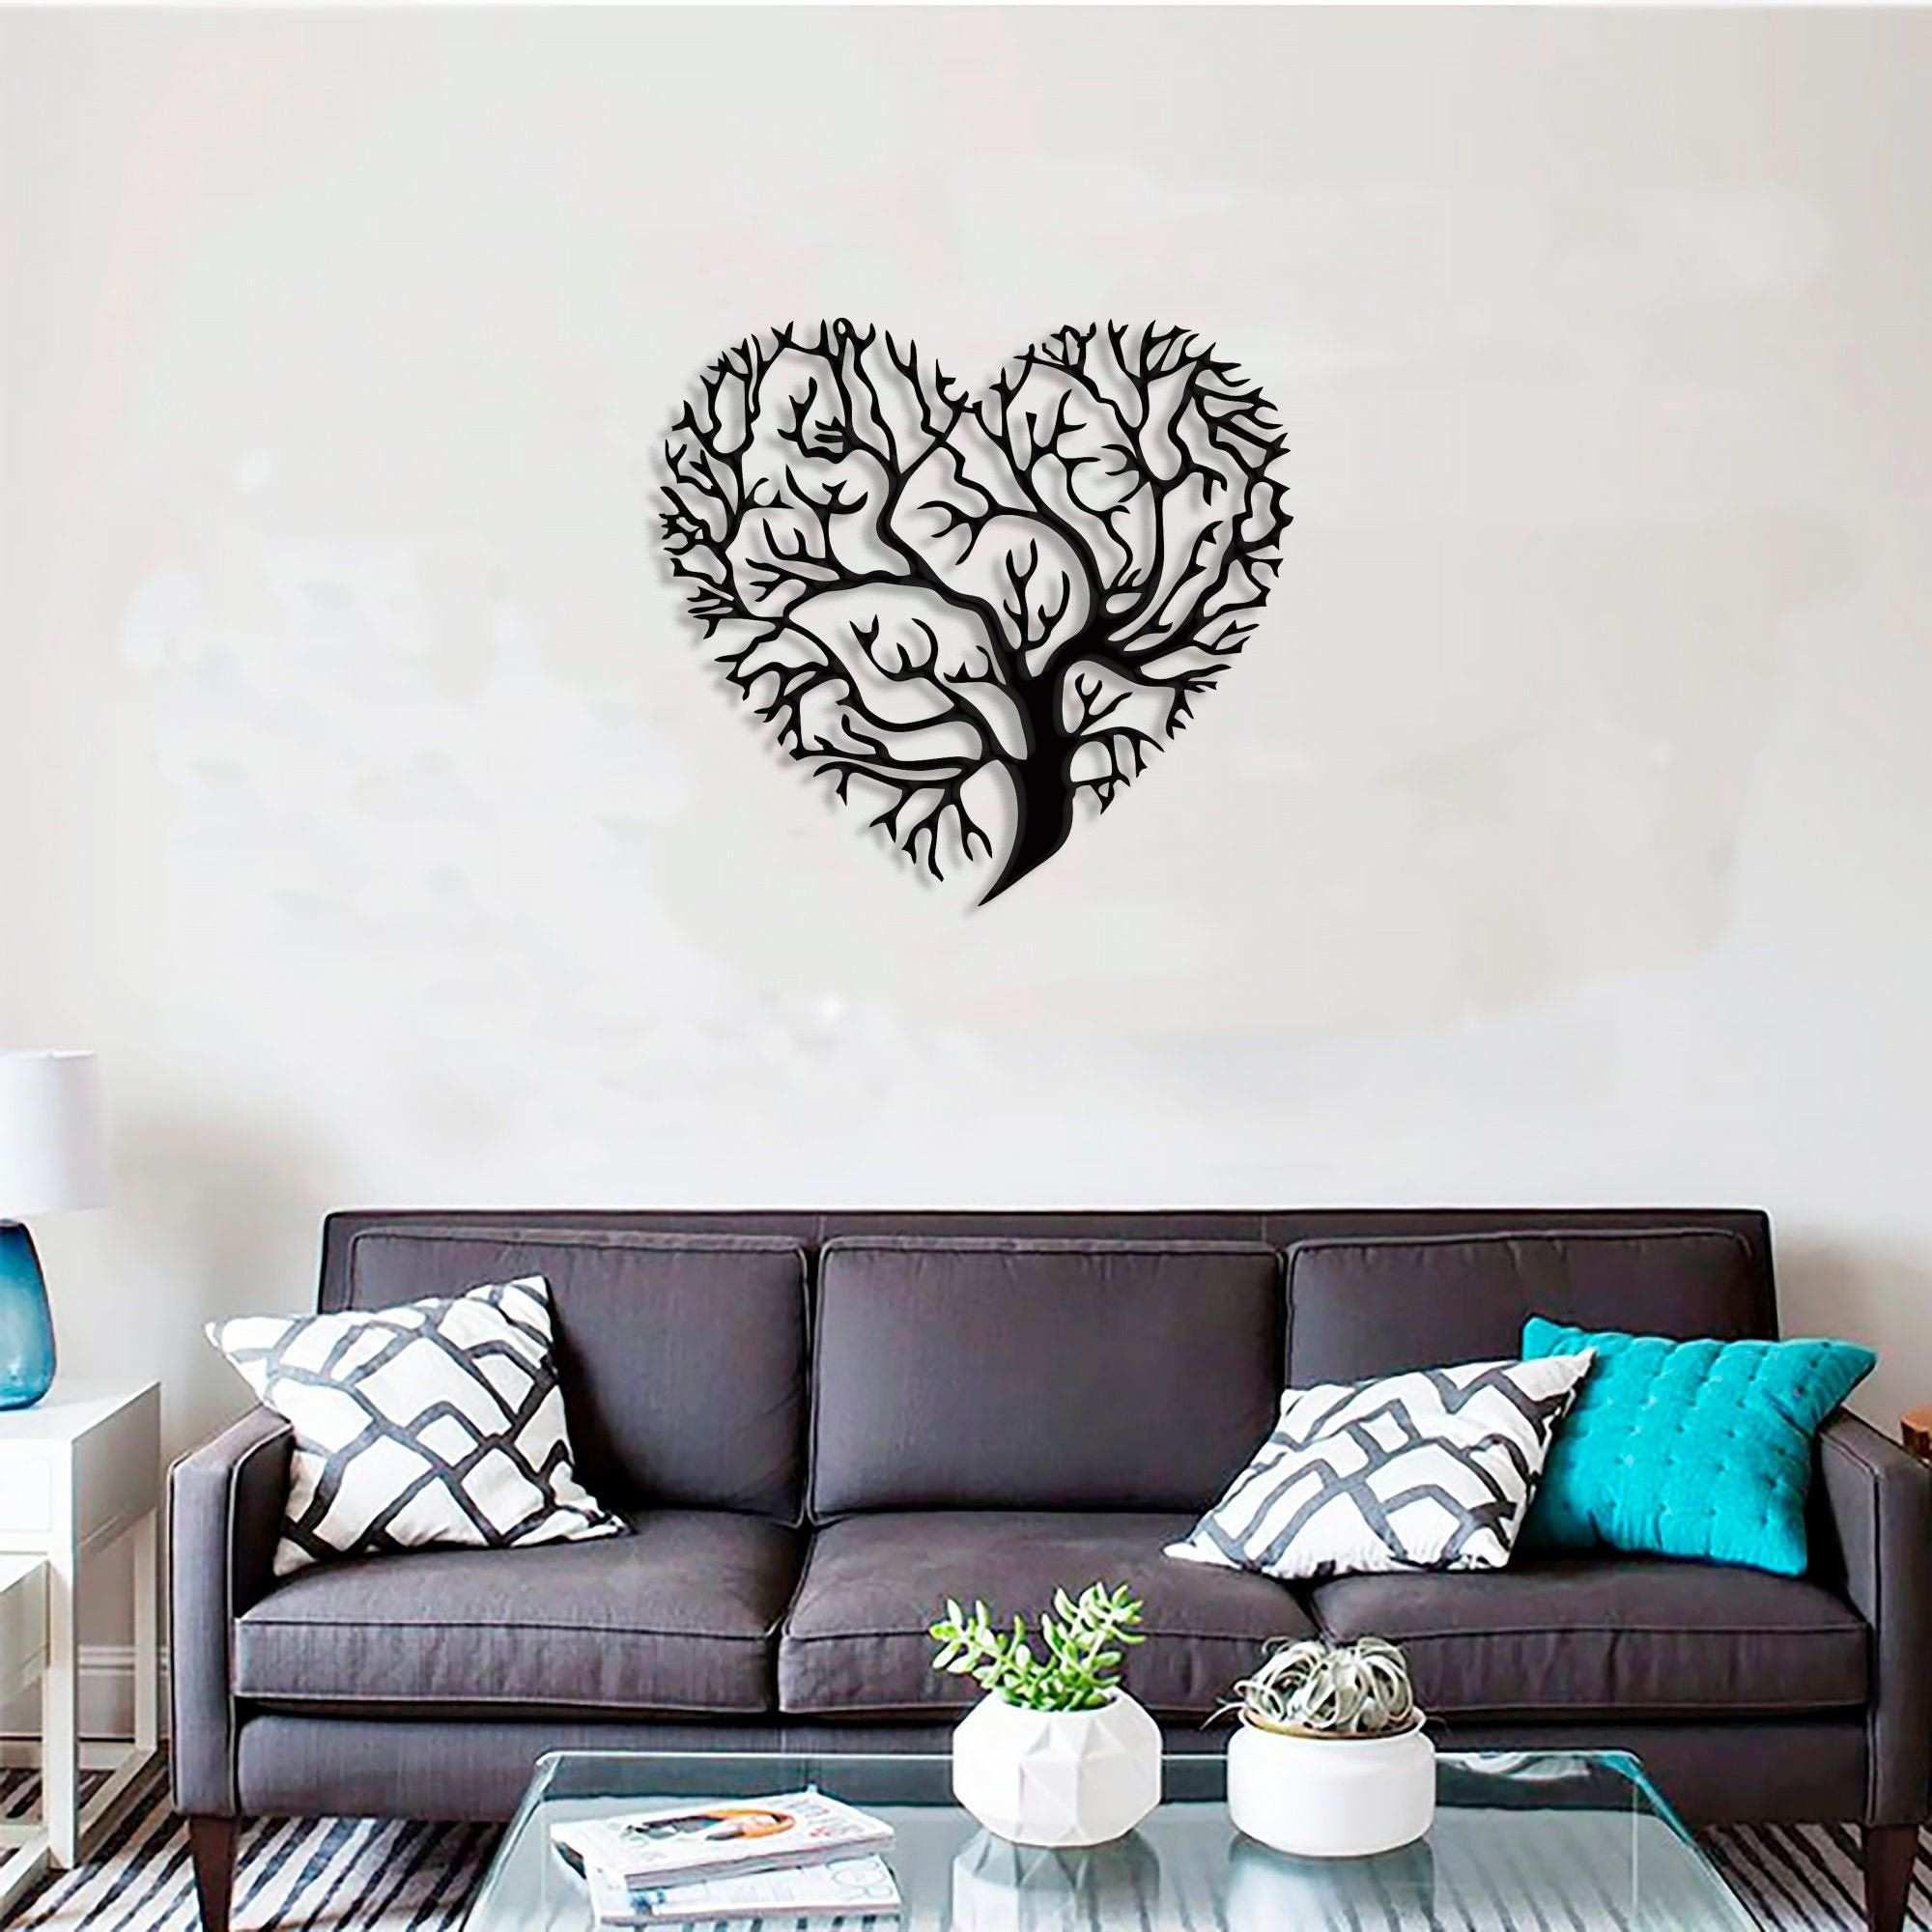 Rustic Dining Room Wall Art